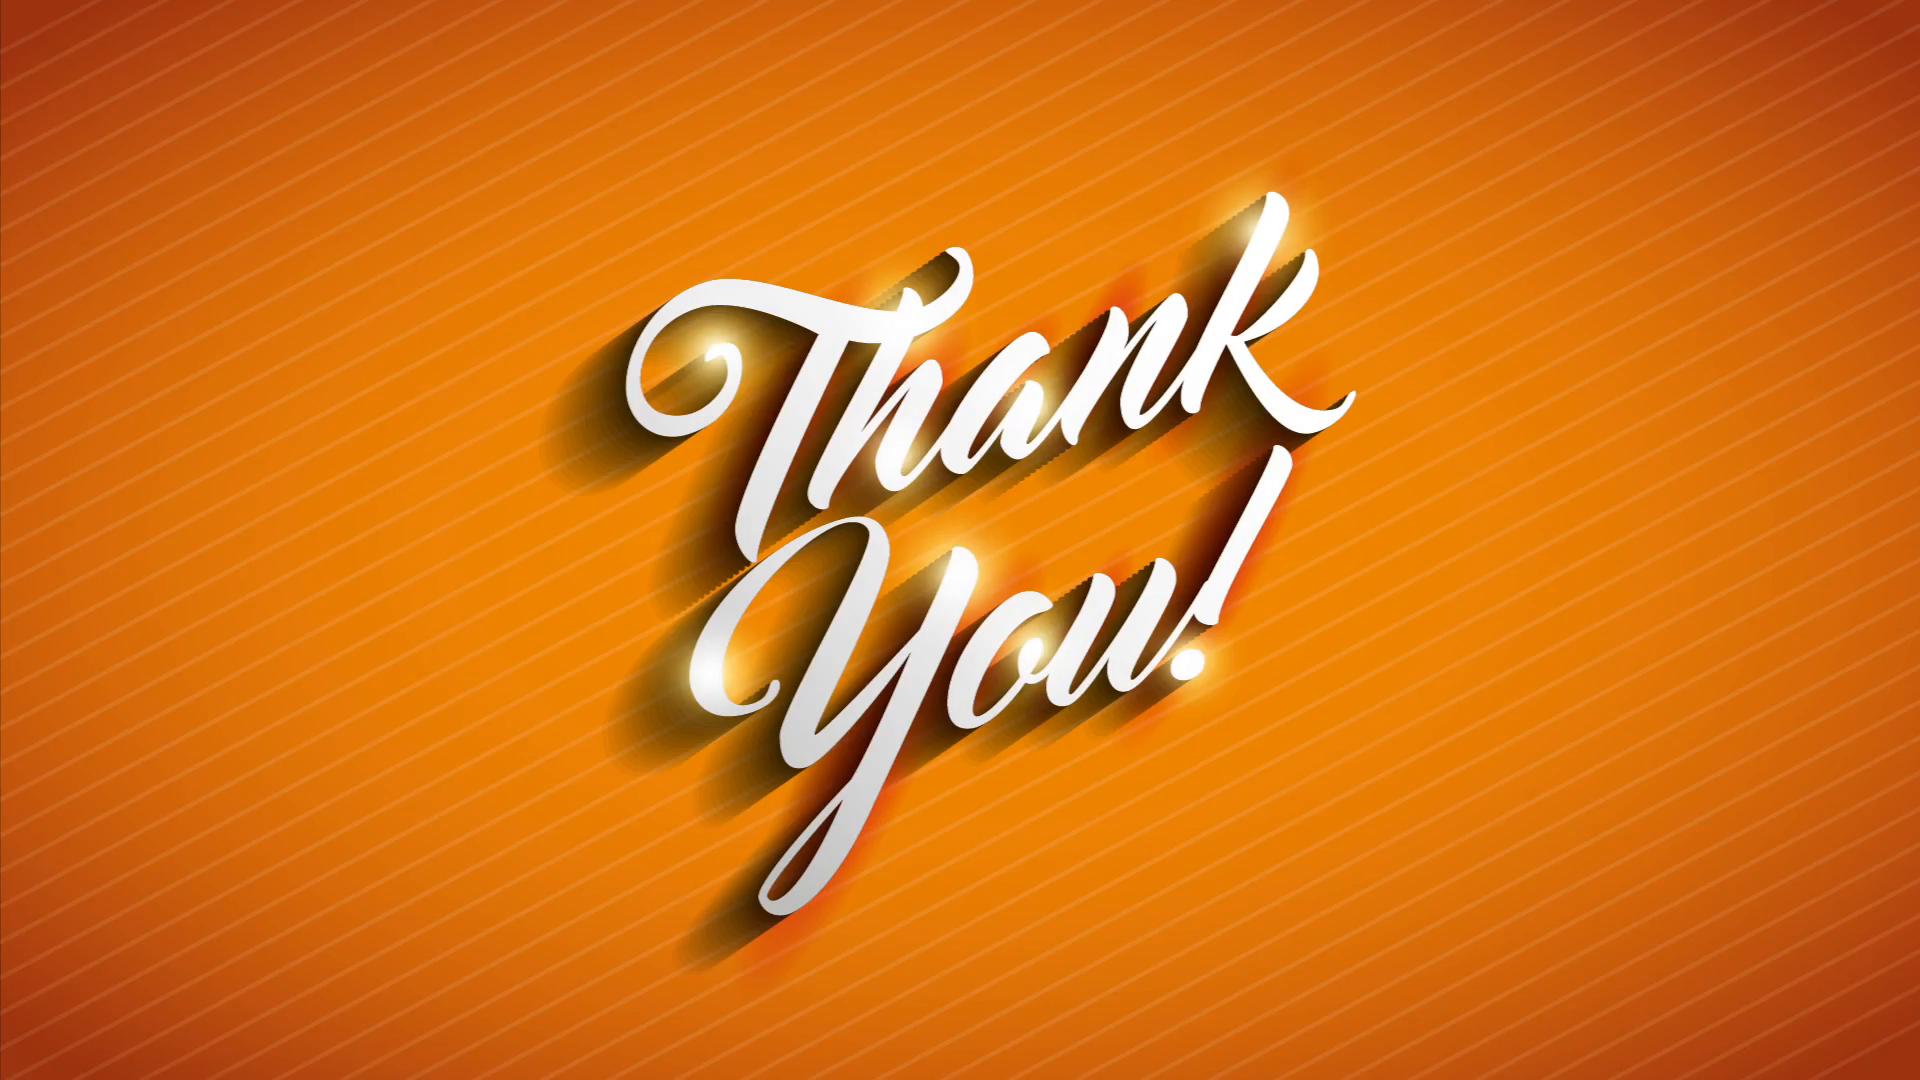 Thank U Wallpaper 1920x1080 Download Hd Wallpaper Wallpapertip